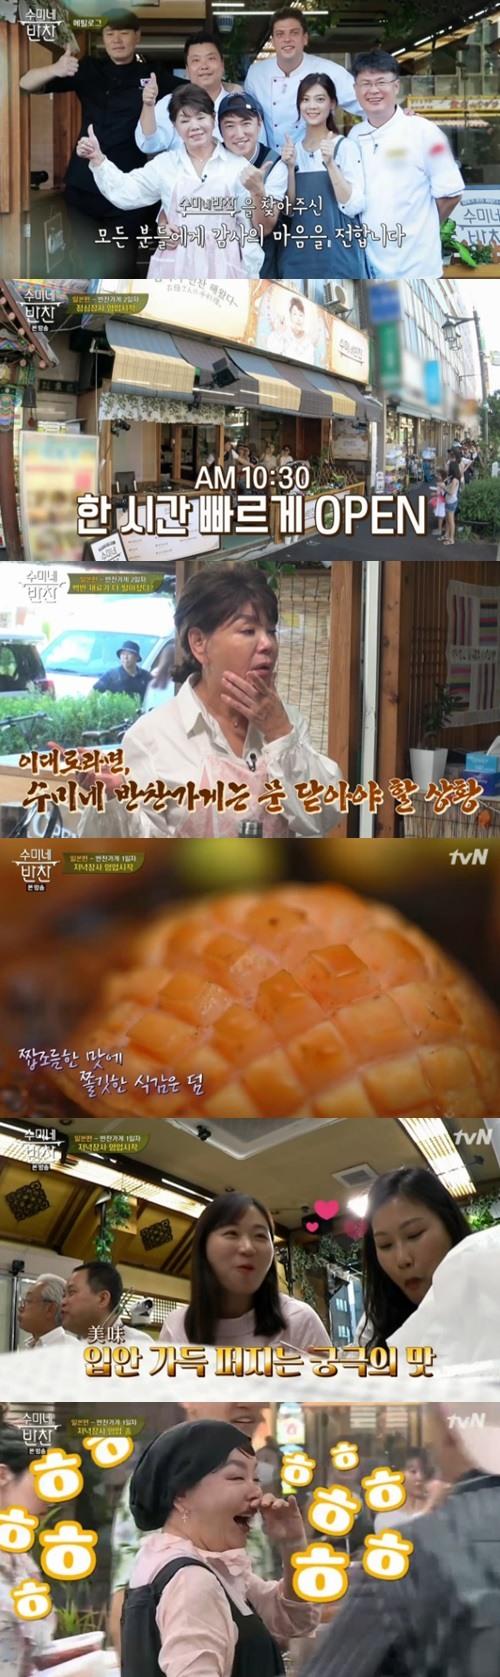 """[어게인TV]""""또 오세요""""…'수미네반찬' 글로벌 입맛 사로잡은 '집밥의 진수'"""